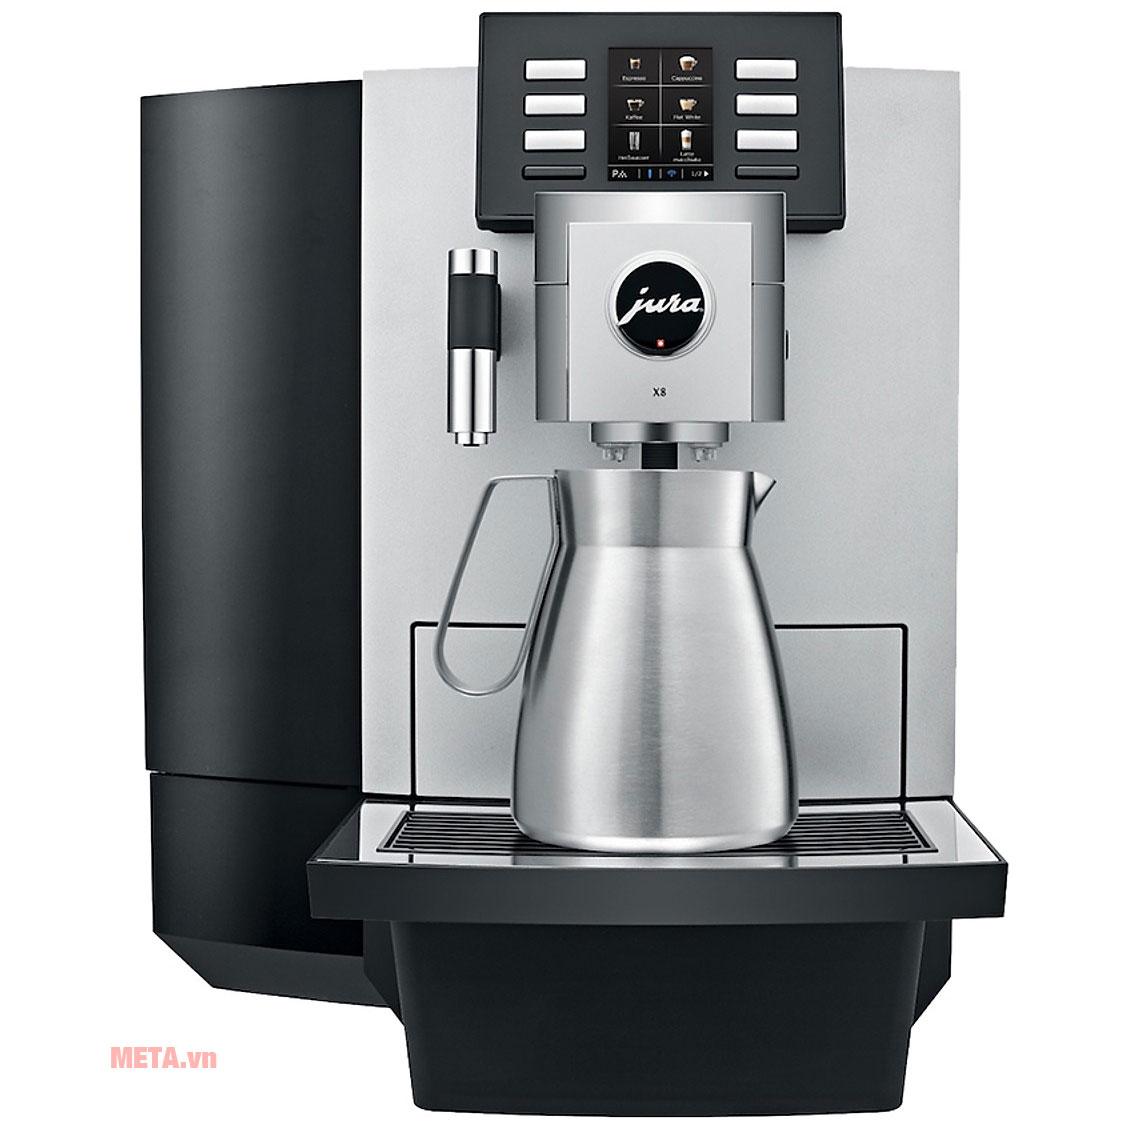 Máy pha cà phê Jura X8 Platin sử dụng trong nhà hàng